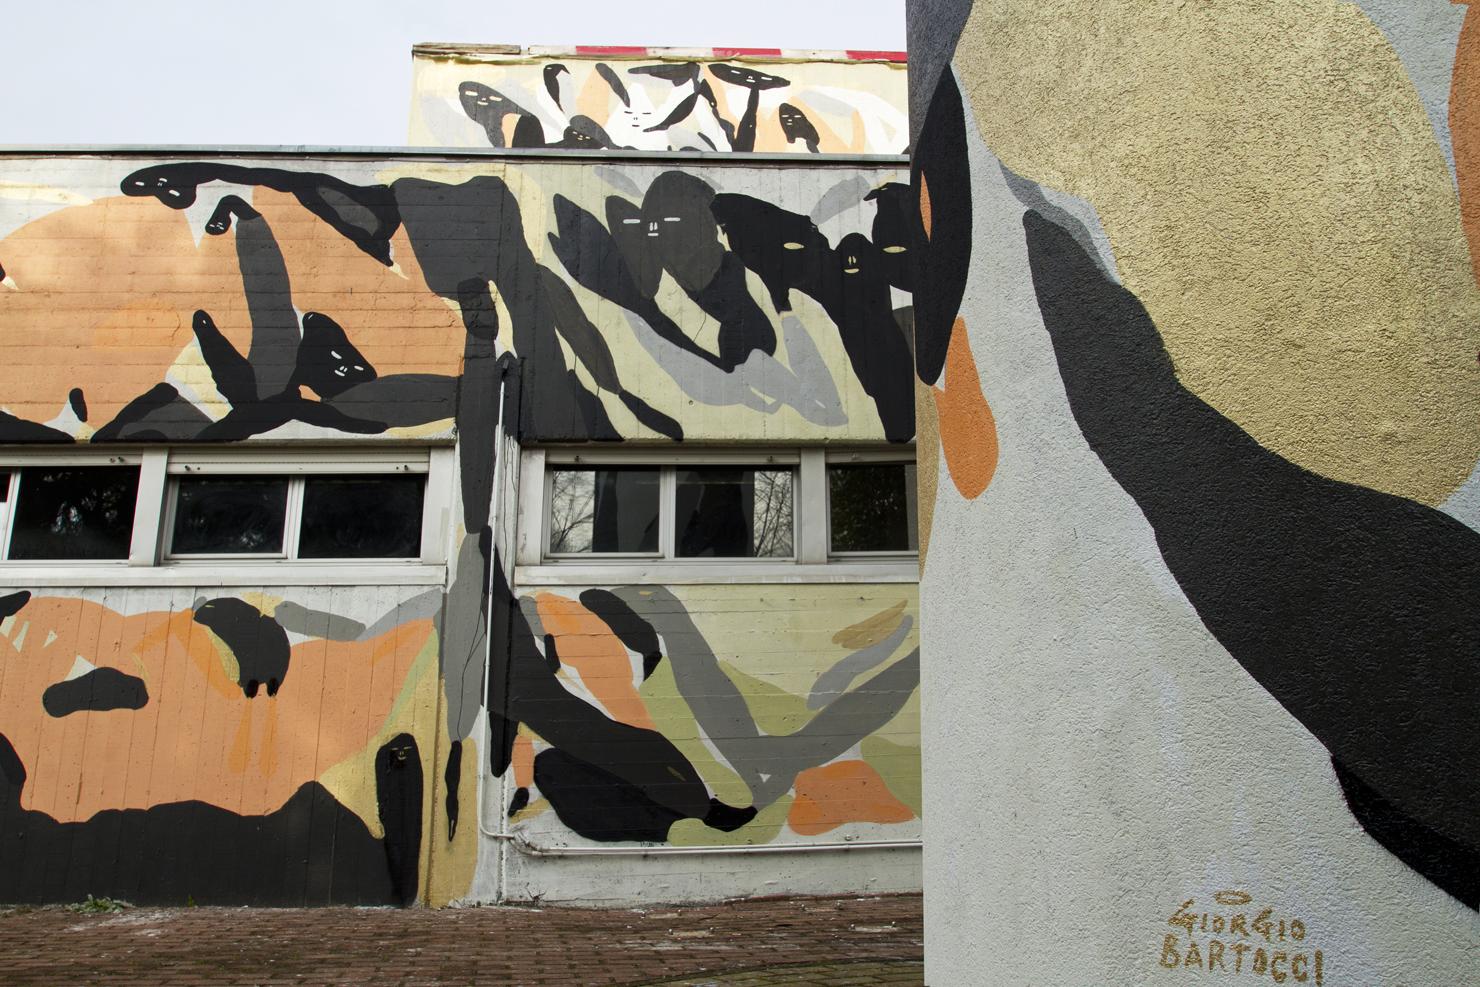 giorgio-bartocci-new-mural-in-monza-06